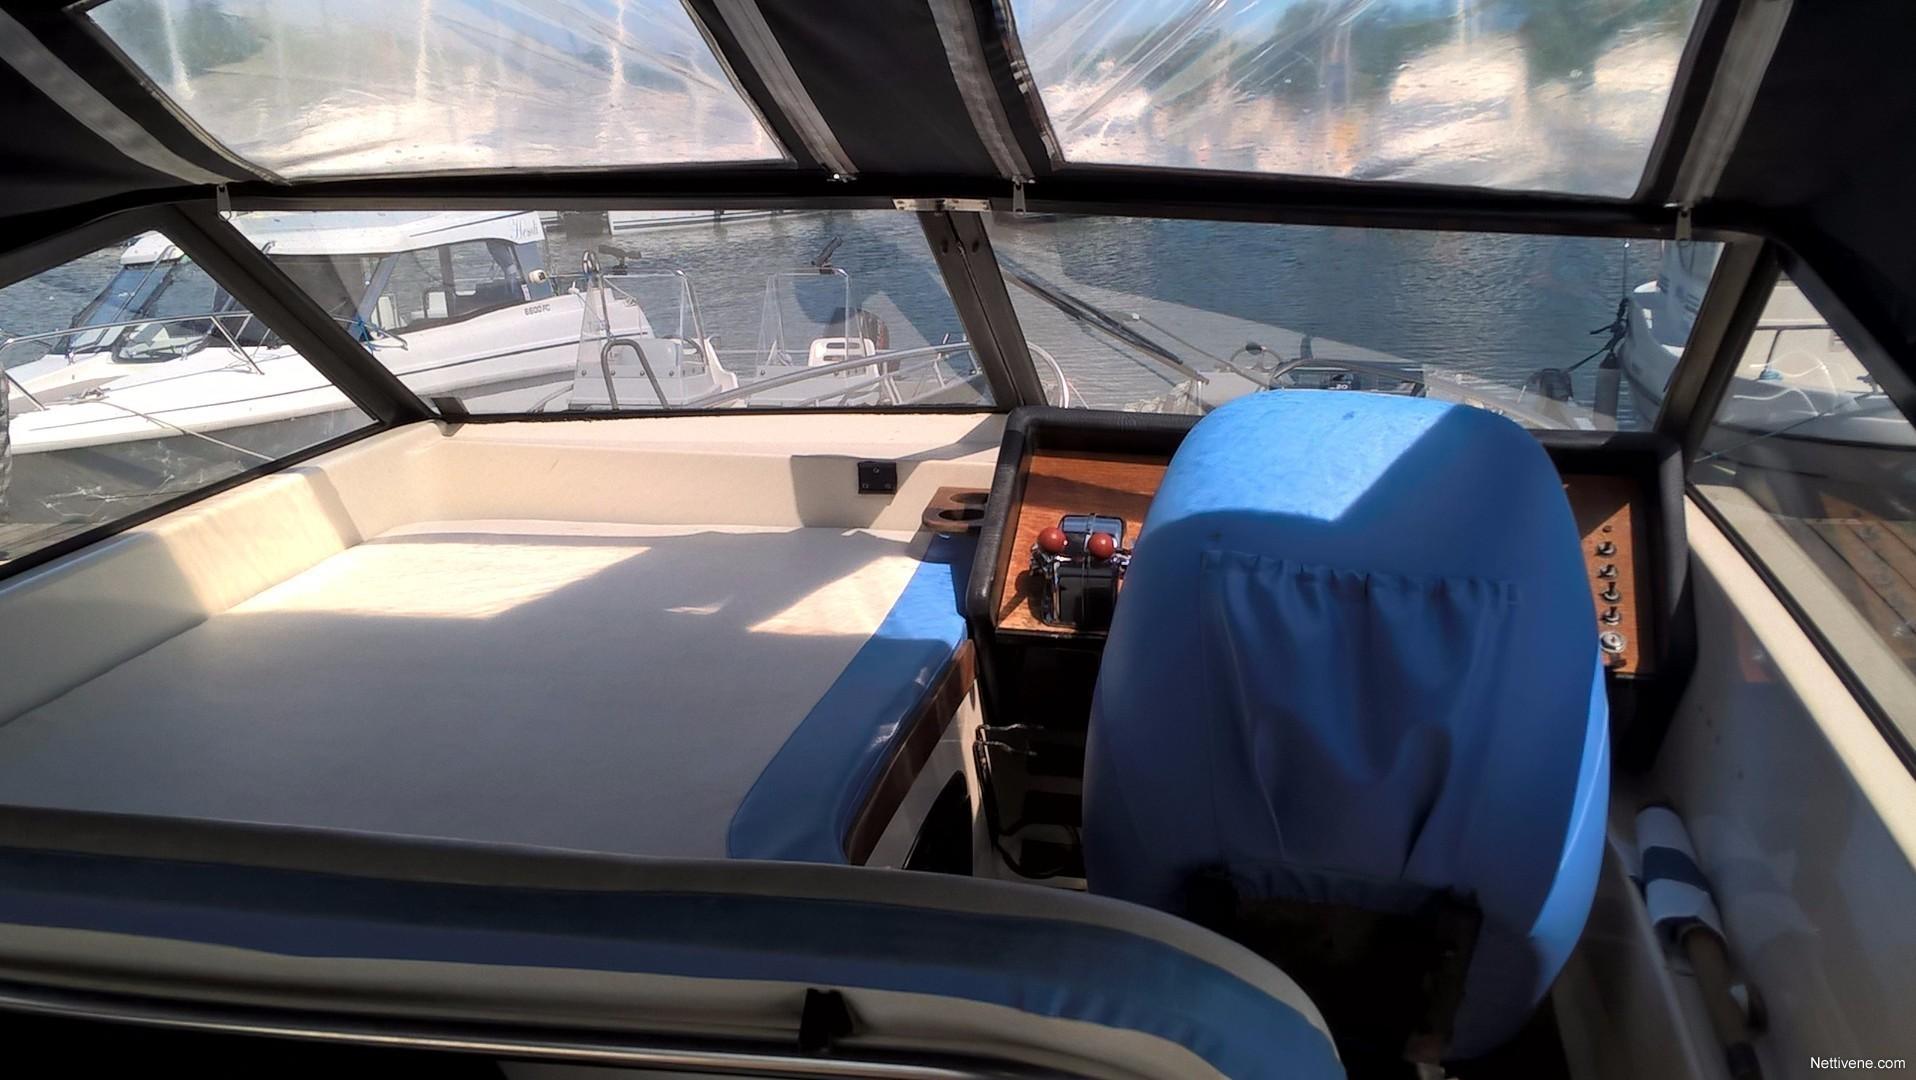 Draco 2500TC motor boat - Espoo - Nettivene